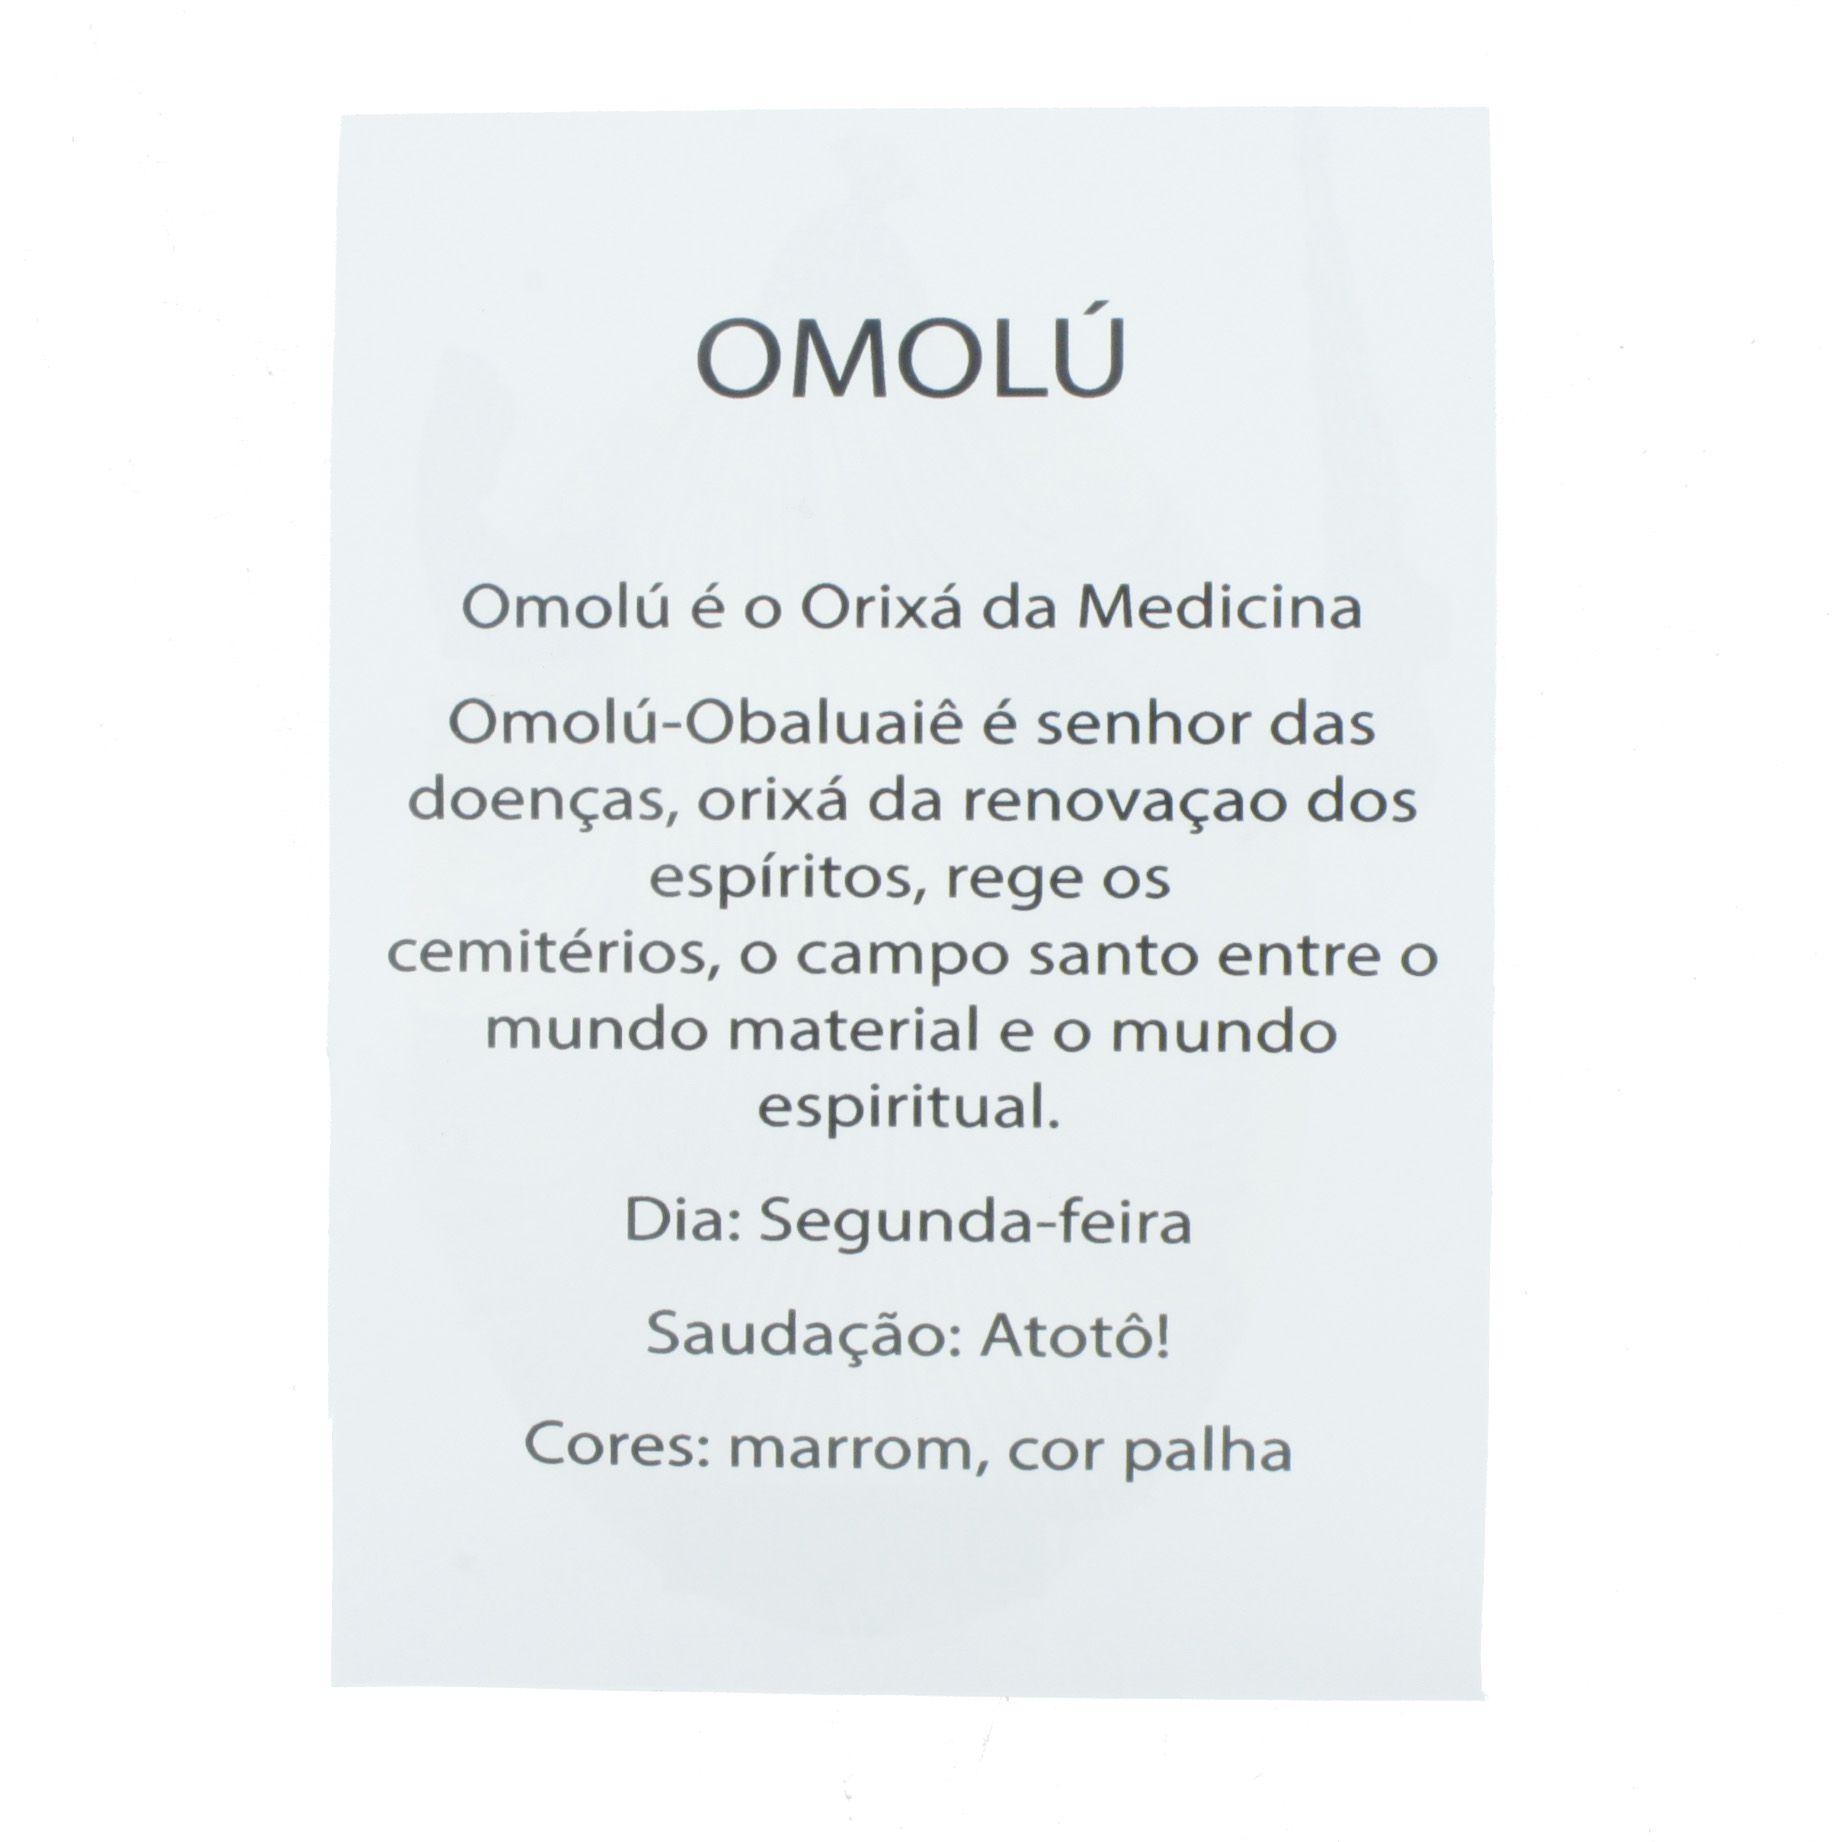 Medalha Omulu + Folheto  - Universo Religioso® - Artigos de Umbanda e Candomblé